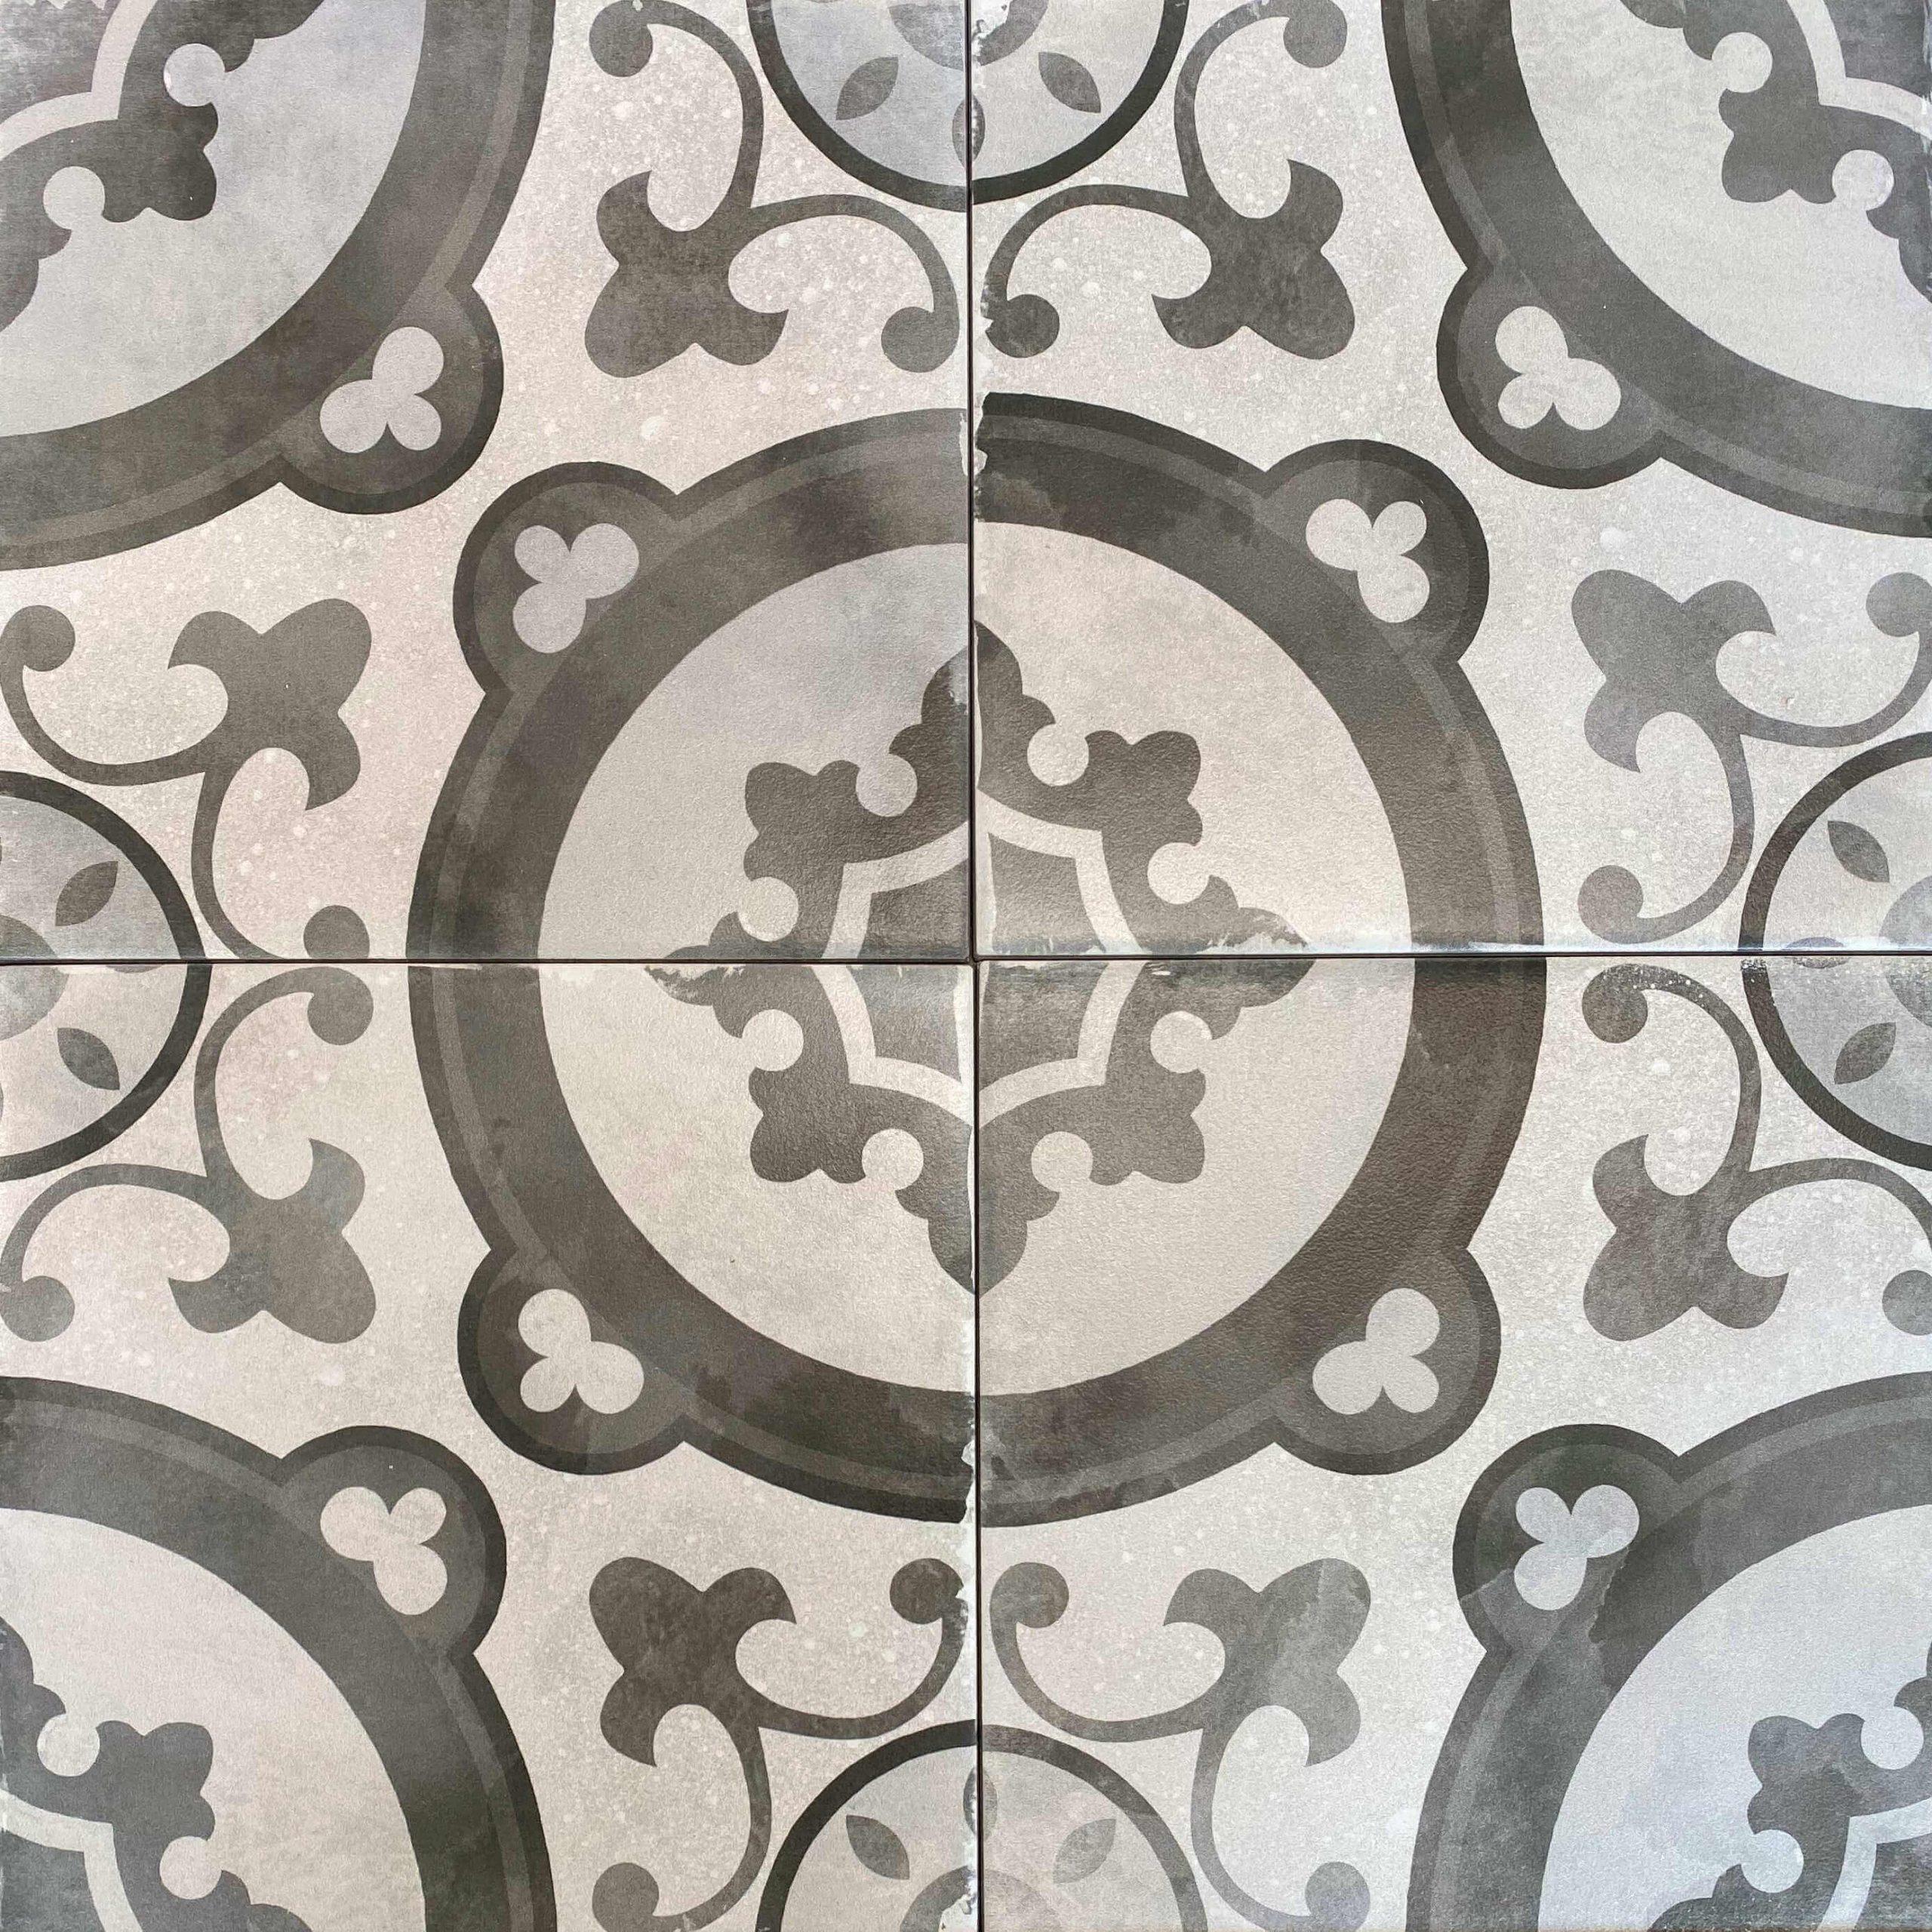 Retro Grey & White Matt Patterned Non Rectified Glazed Porcelain Tile 3447